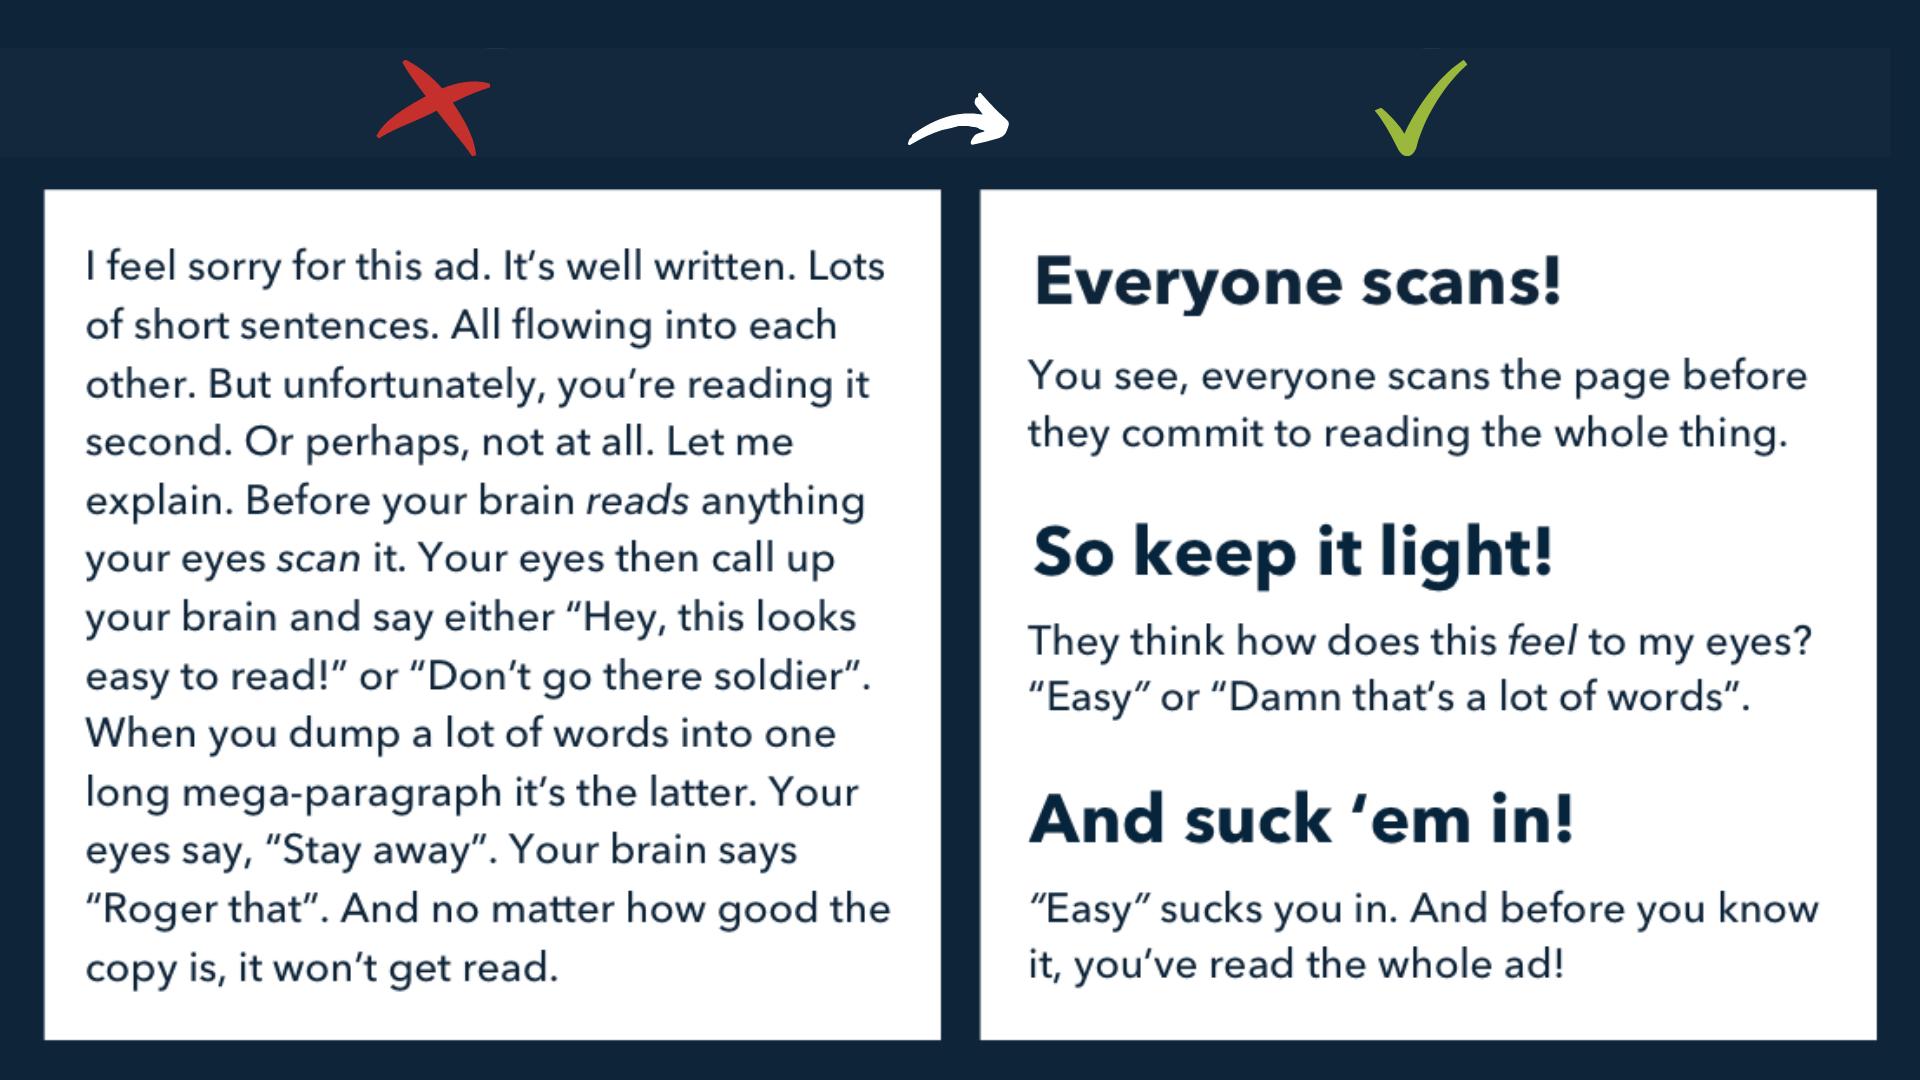 Hvorfor vinner innhold som kan skannes? 5 tips for å gjøre teksten din lettere å lese på nett